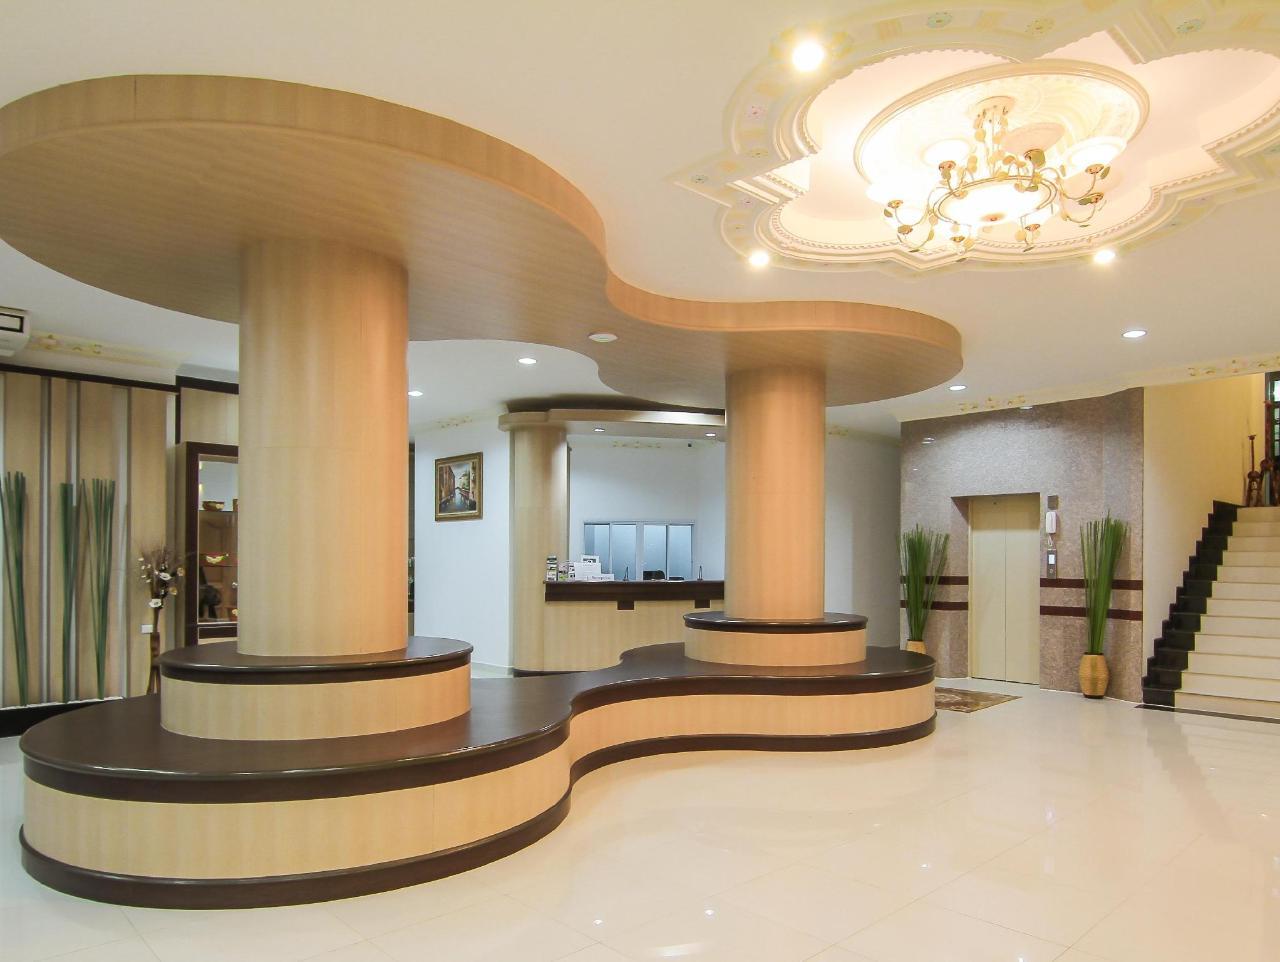 ลีลาวดี แกรนด์ โฮเต็ล (Leelawadee Grand Hotel)